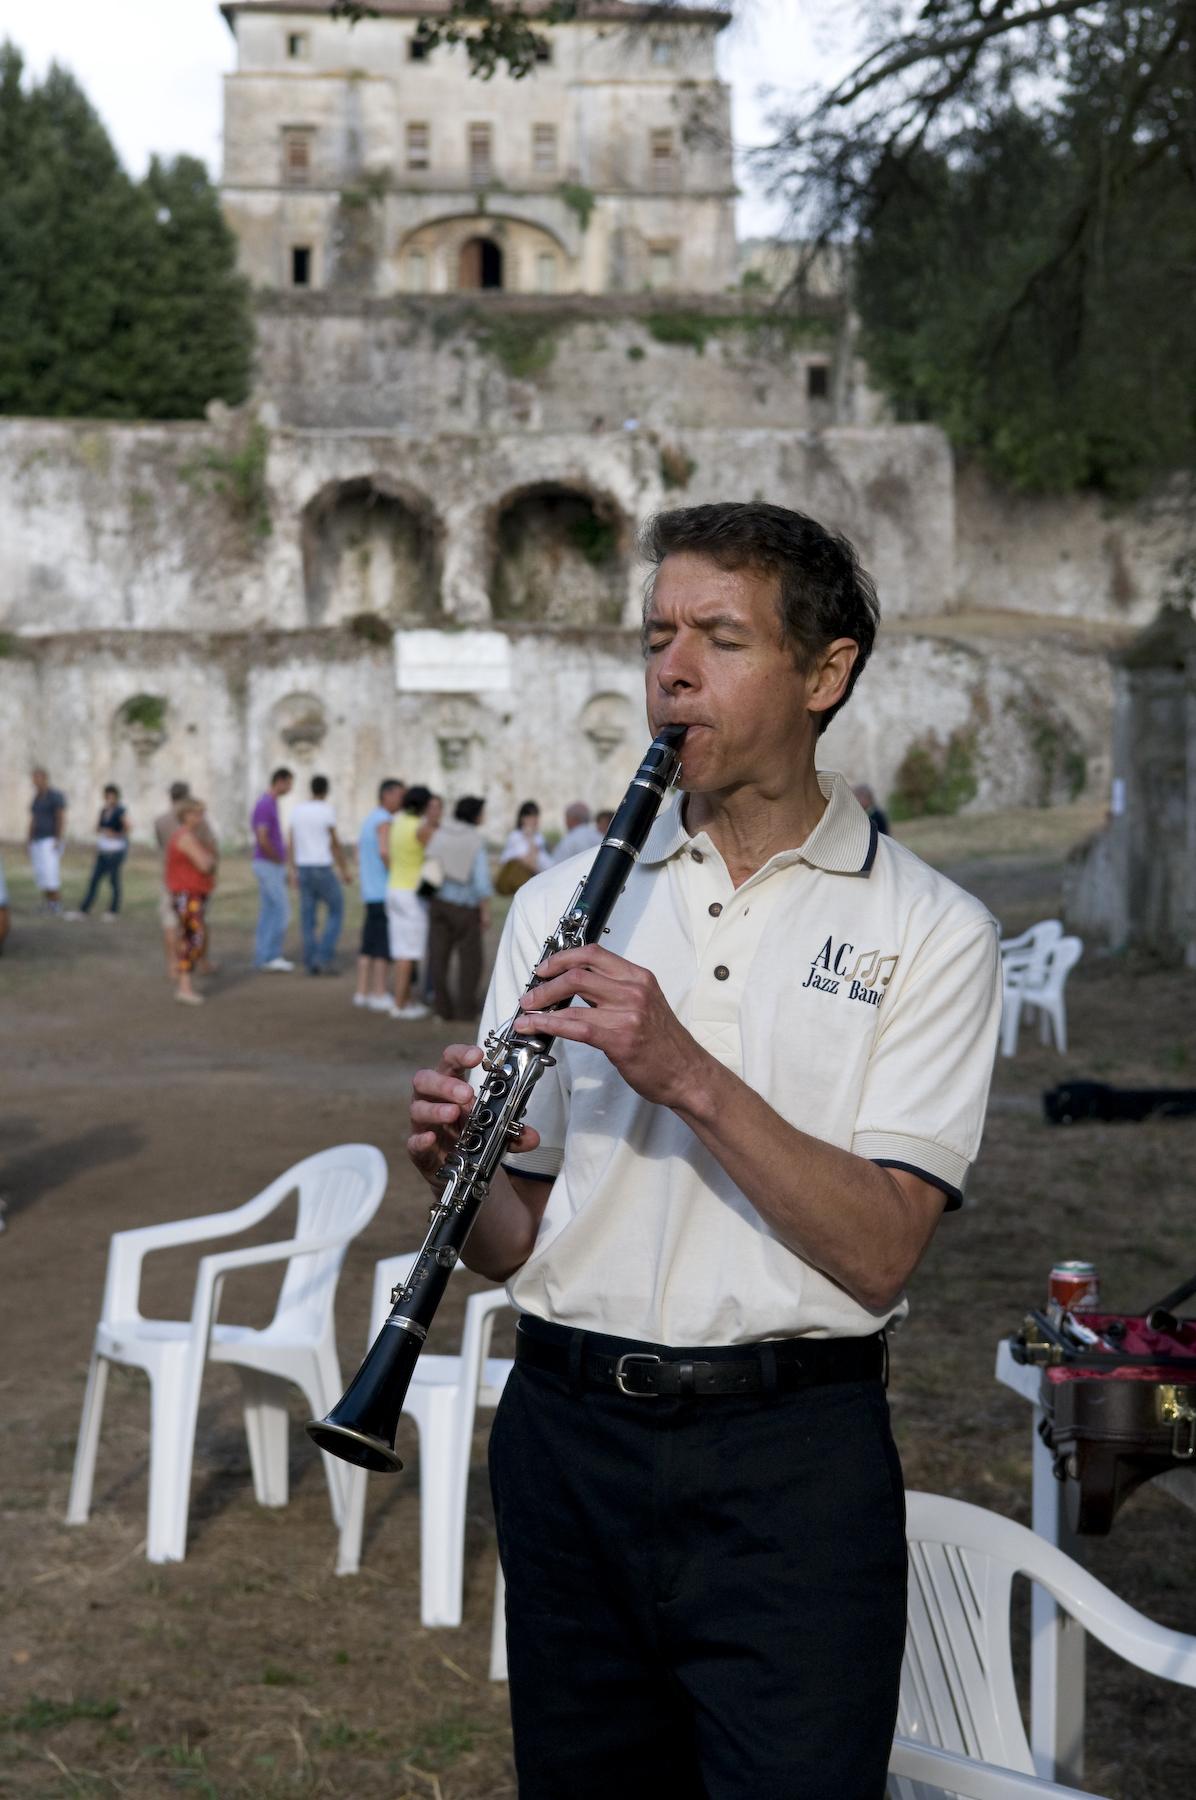 Bob in Italy 2008.jpg